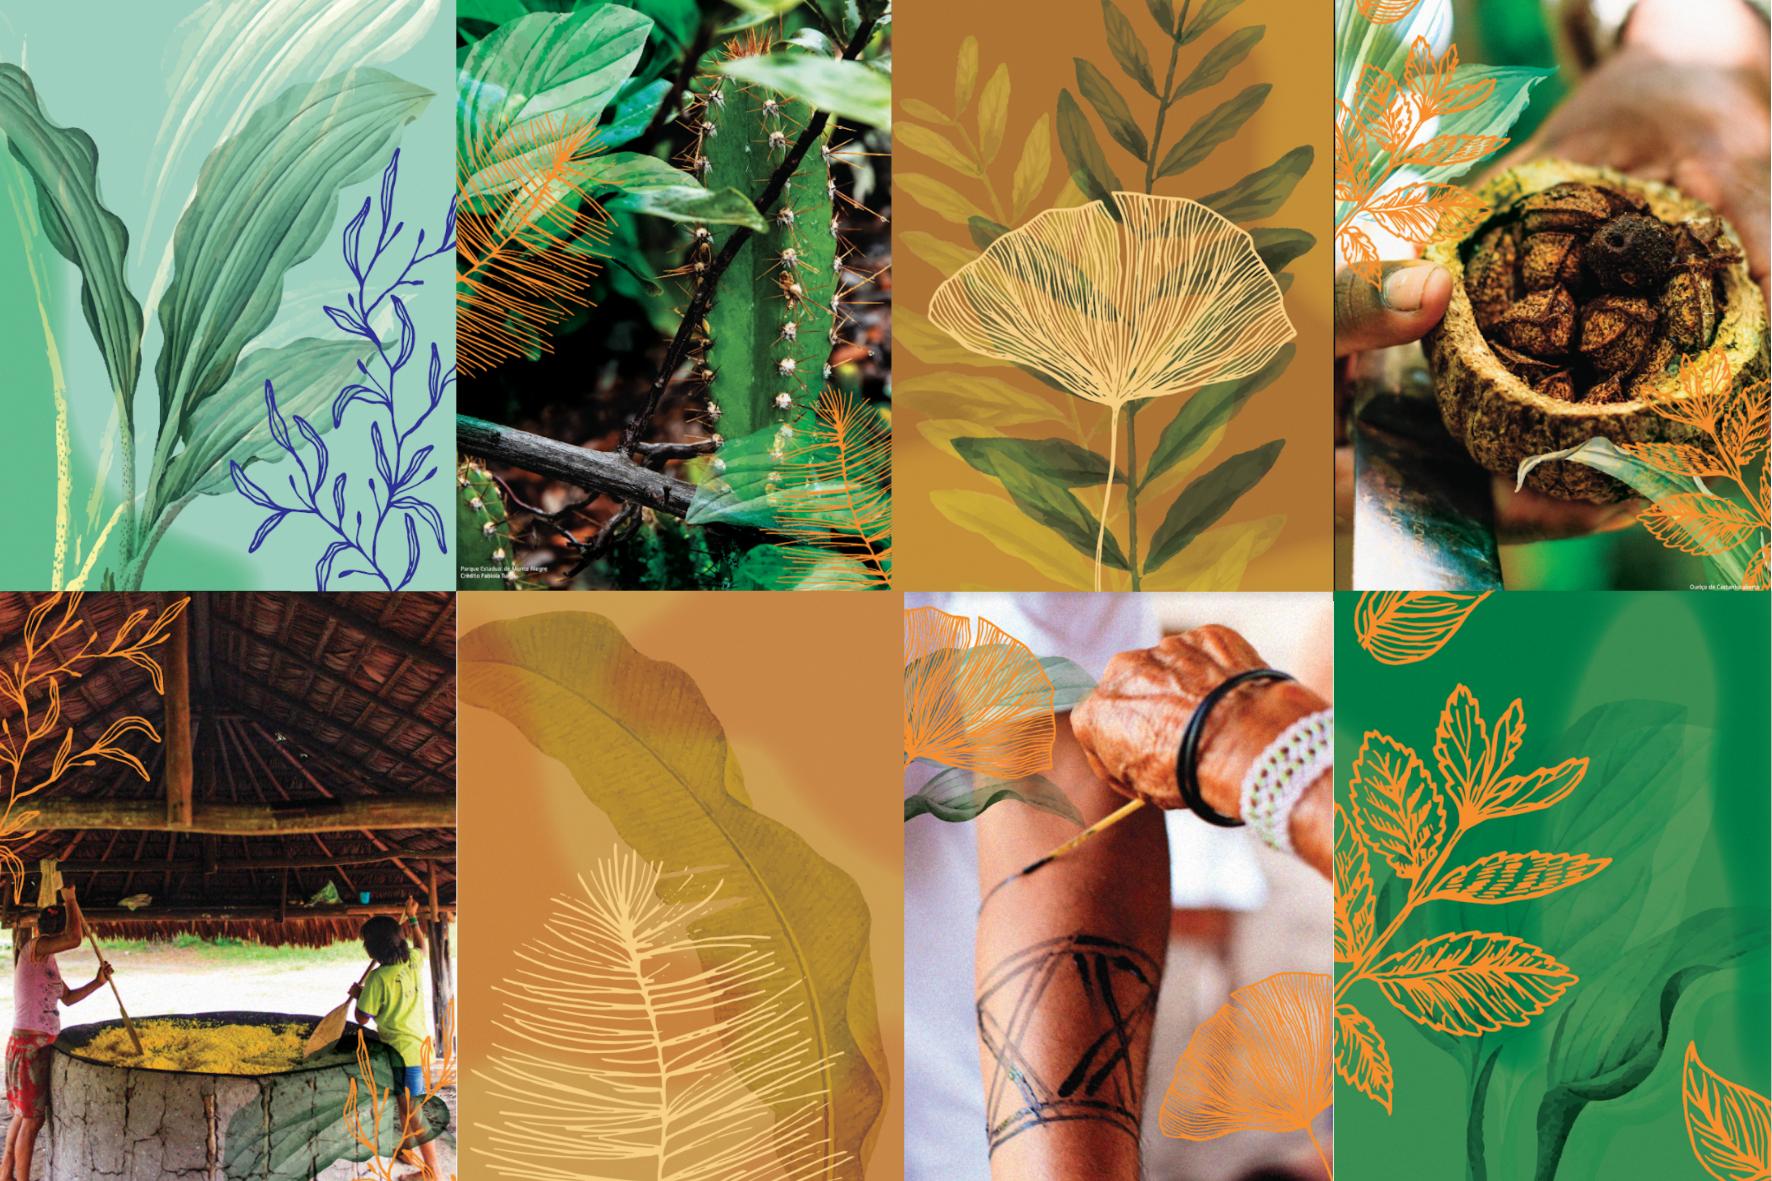 Lambes Imazon Fotos - Dia da Amazônia: Imazon lança série de lambes com imagens e ilustrações do bioma